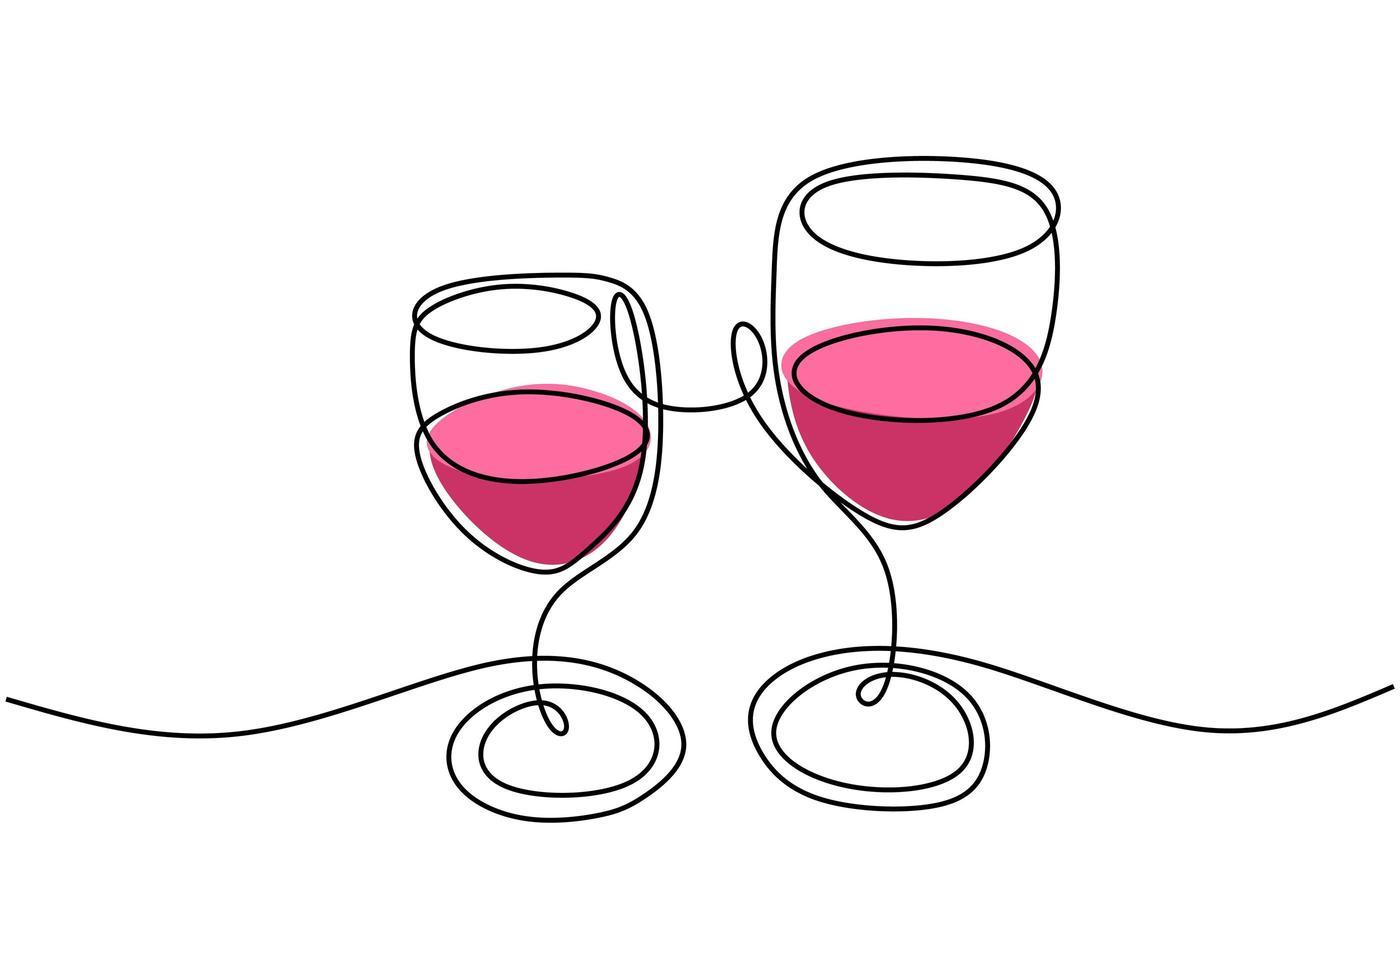 dibujo continuo de una línea, vector de vítores, dos copas de vino tinto, celebración de fiestas con alcohol. diseño minimalista con simplicidad dibujado a mano aislado sobre fondo blanco.